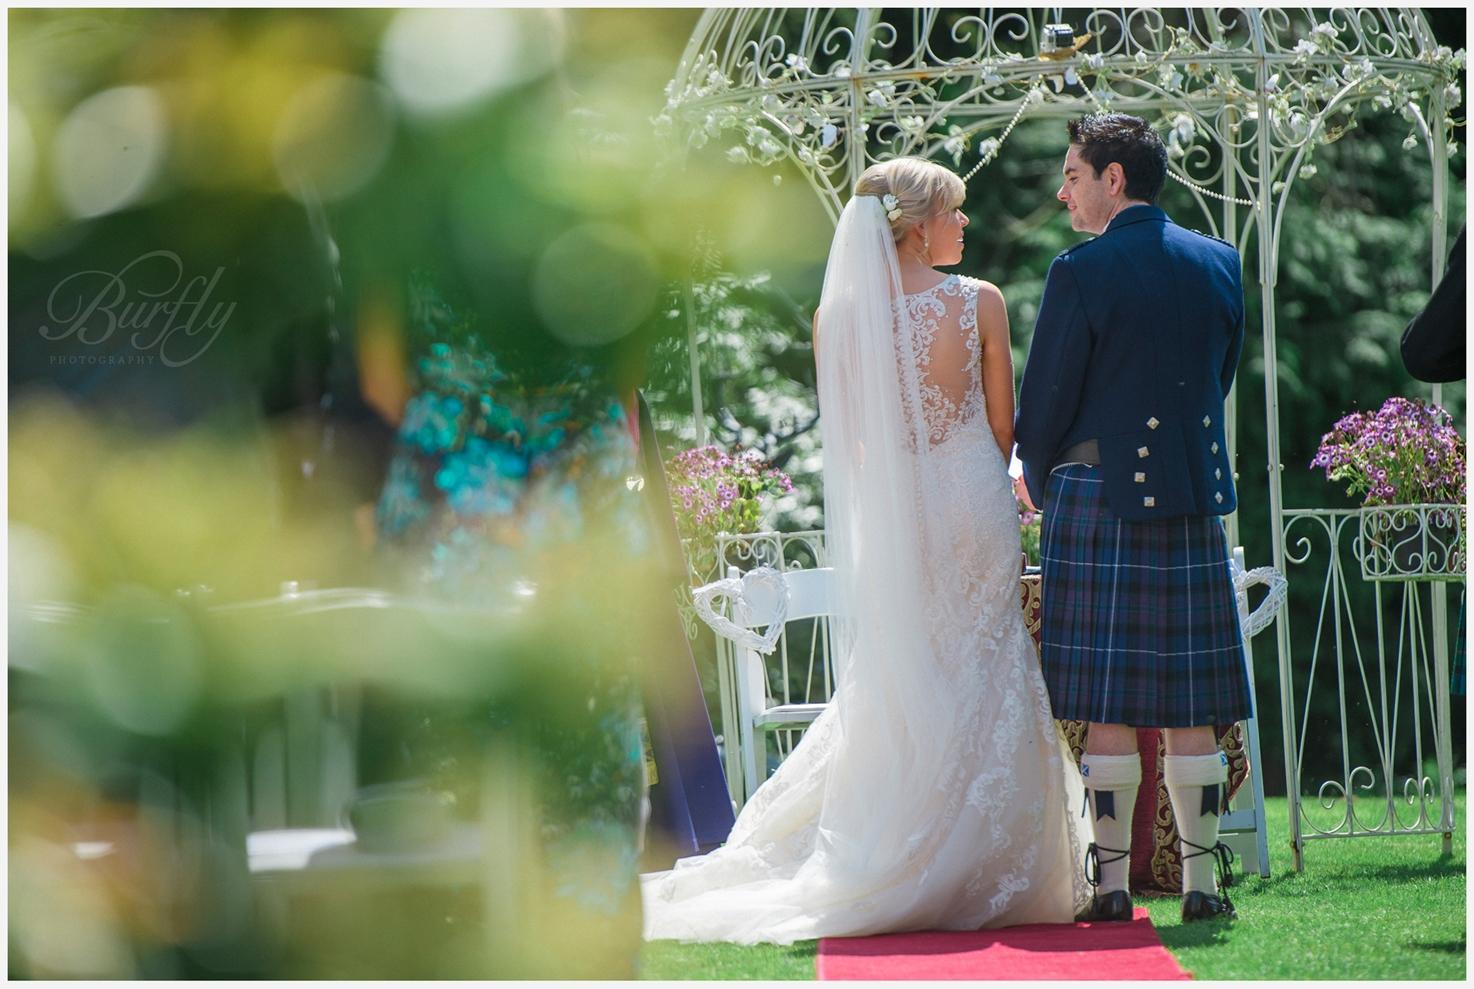 FERNIE CASTLE WEDDING 36